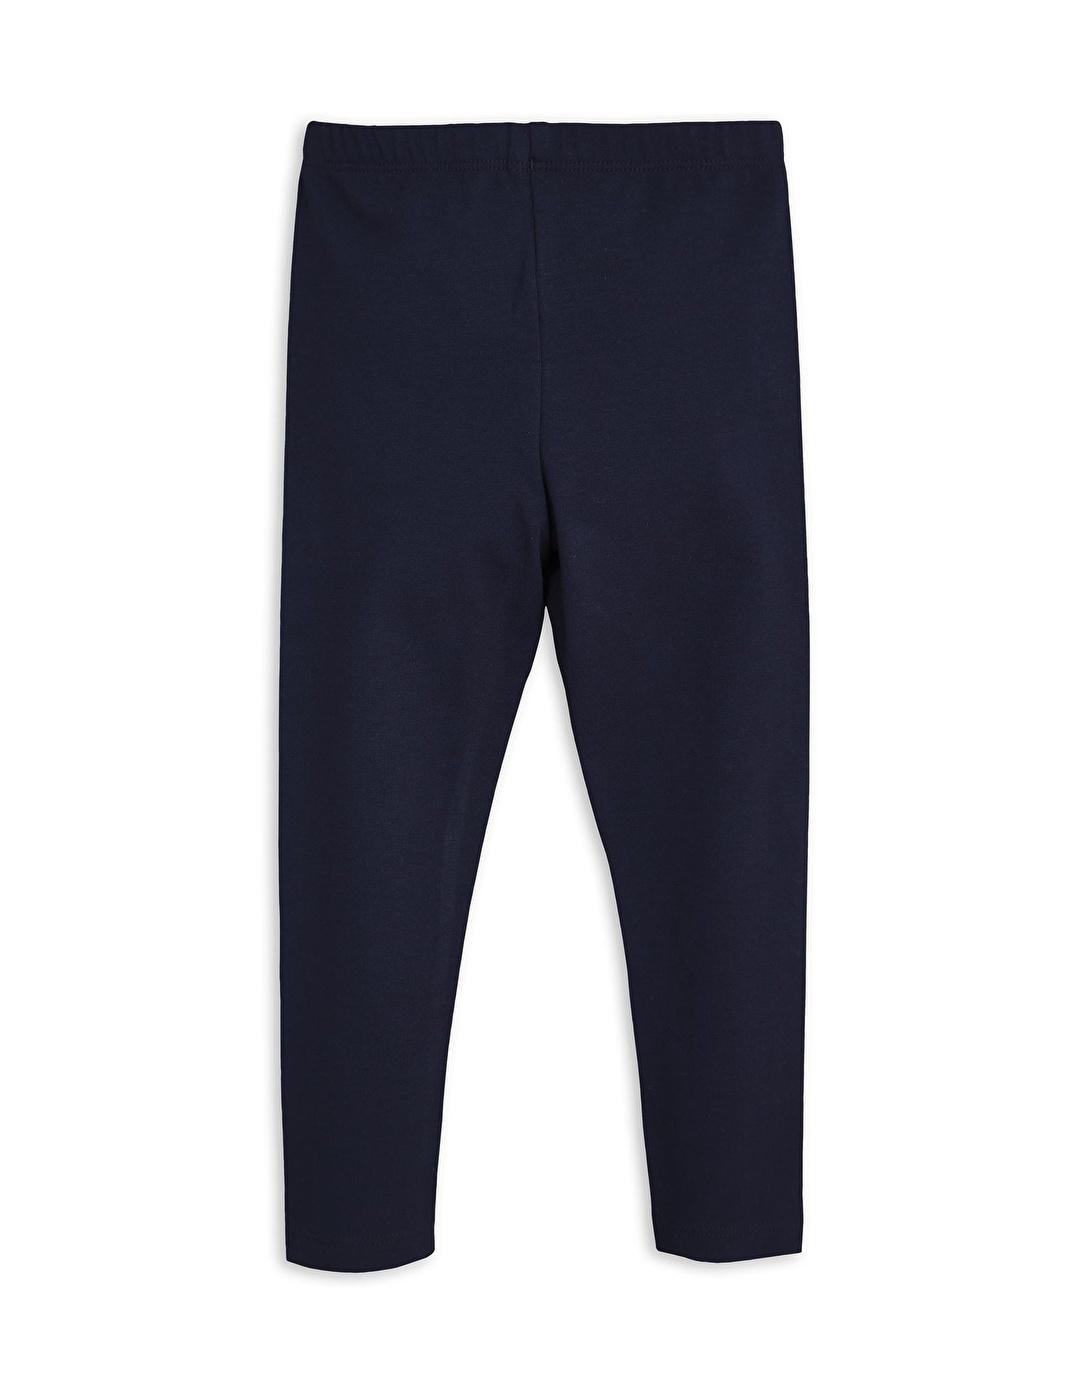 1773015767 2 mini rodini basic leggings navy